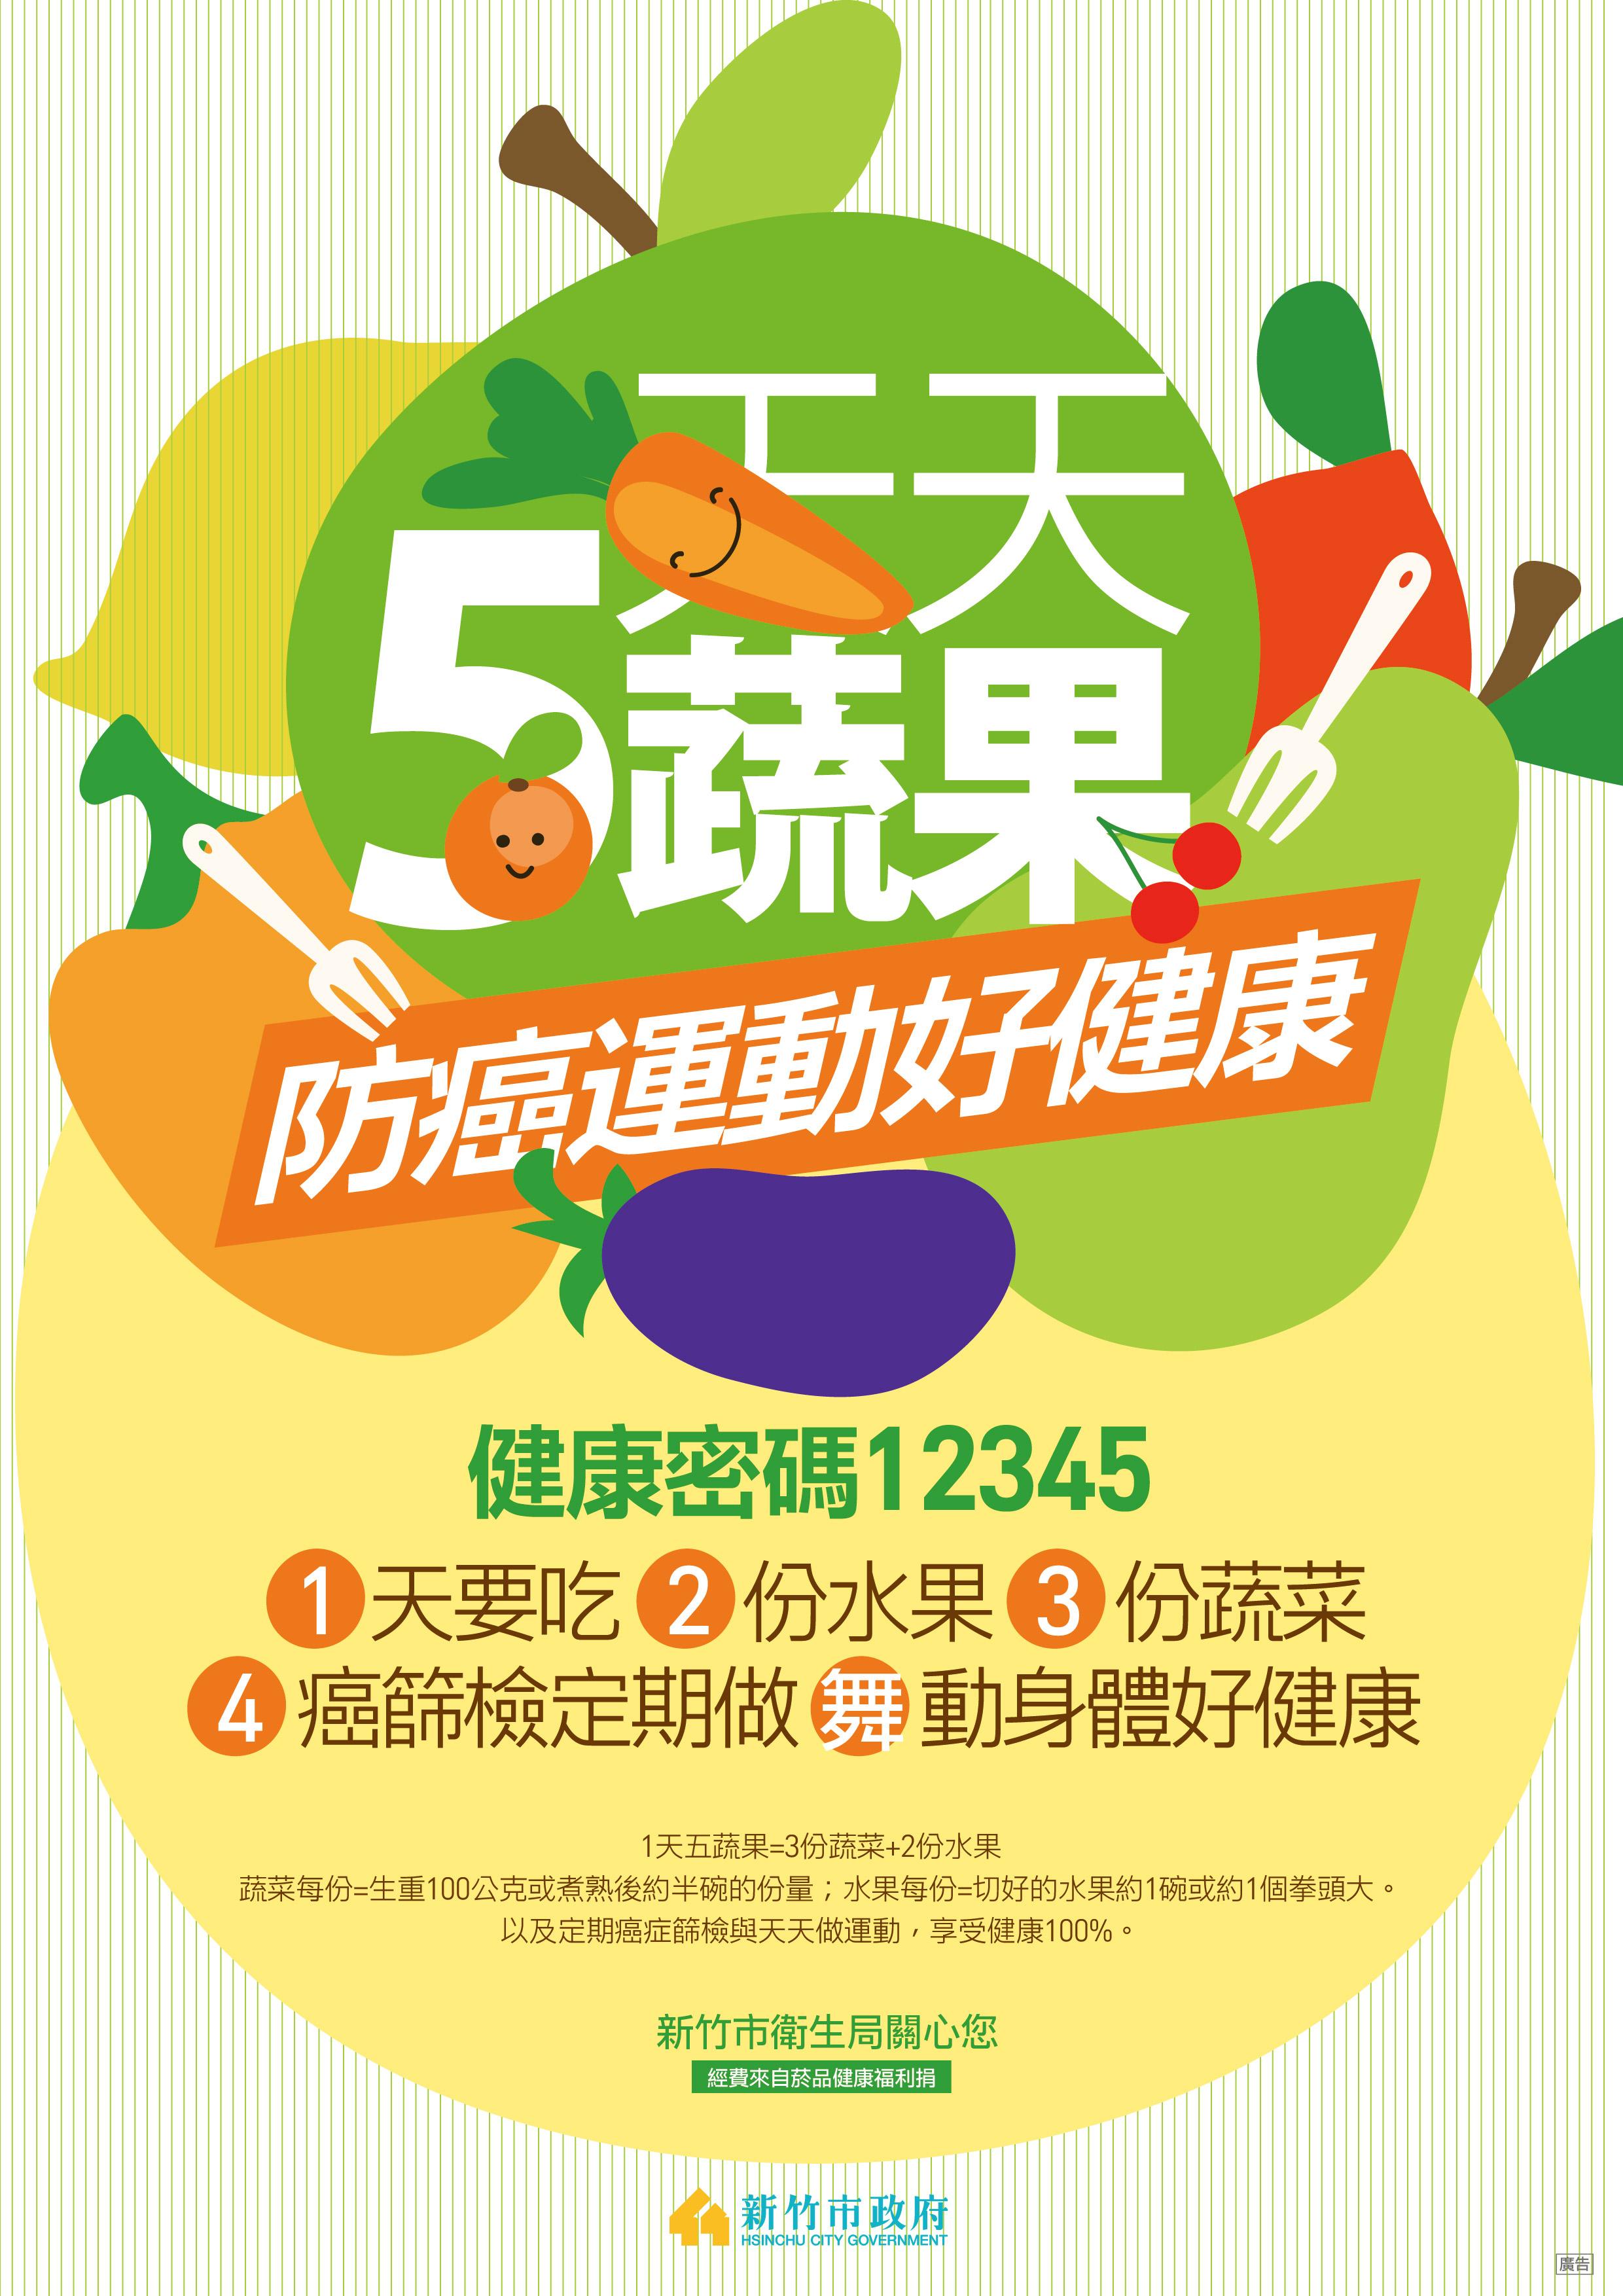 天天5蔬果 防癌運動好健康